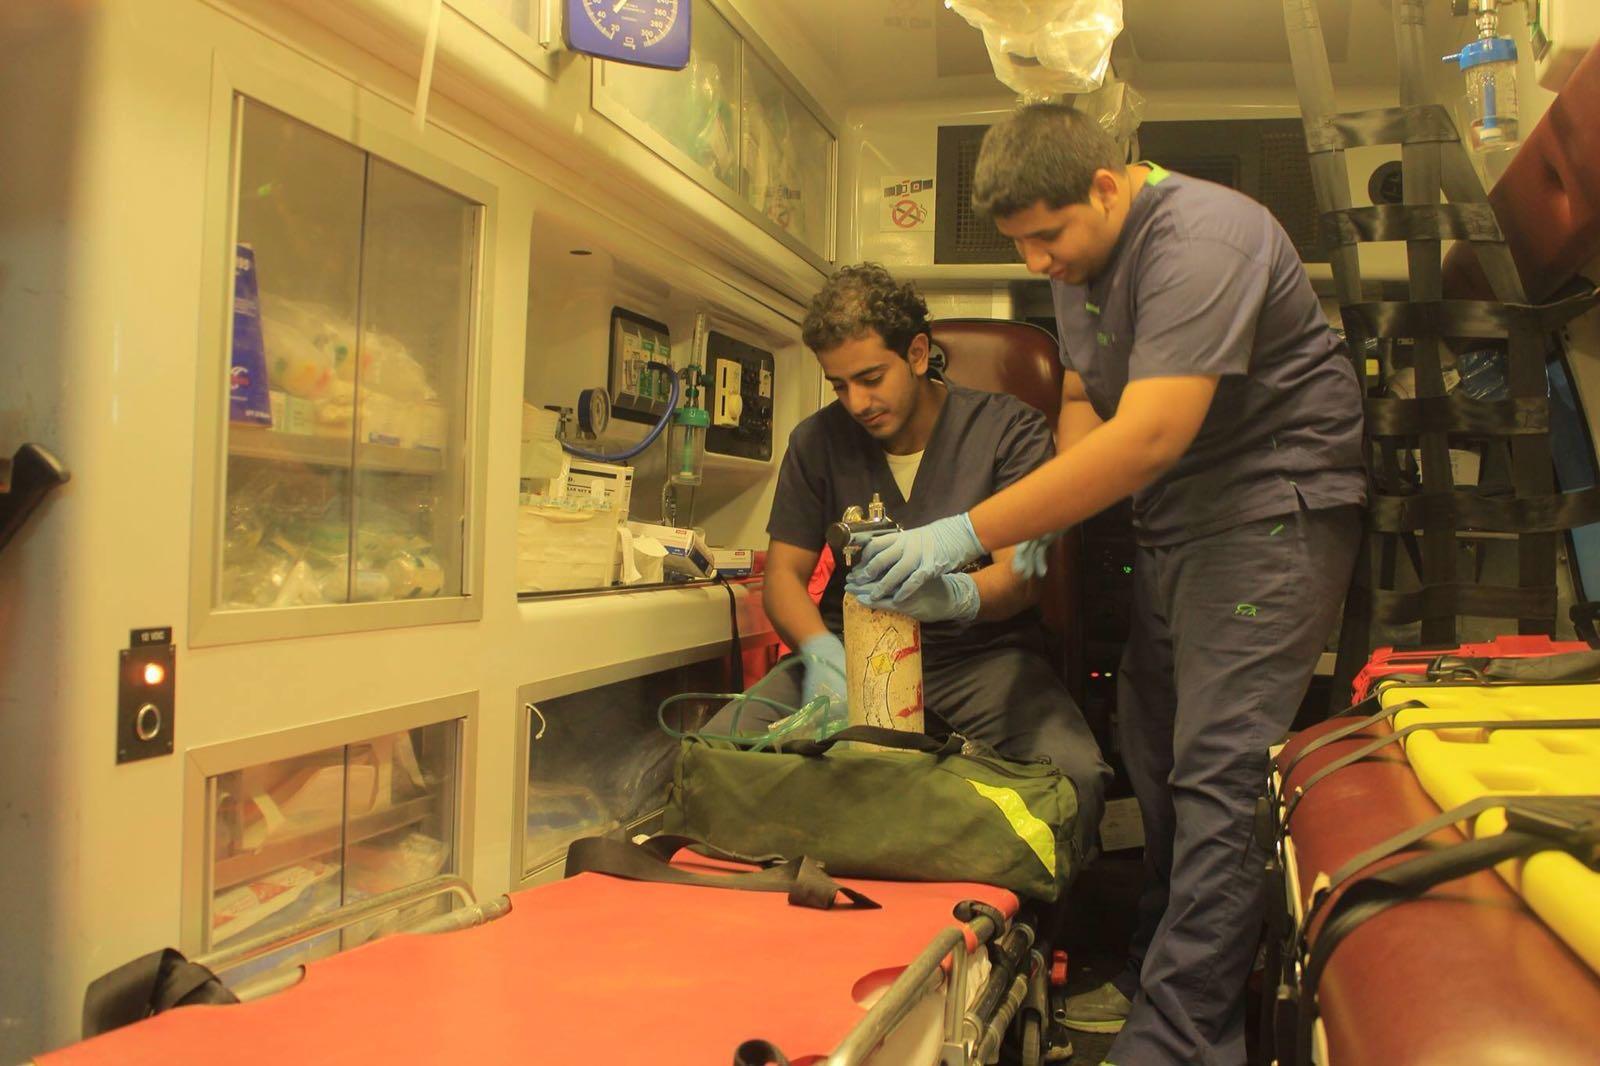 مشاجرة نسائية في صالة أفراح في أبو عريش تنتهي بإصابة سيدة (4)